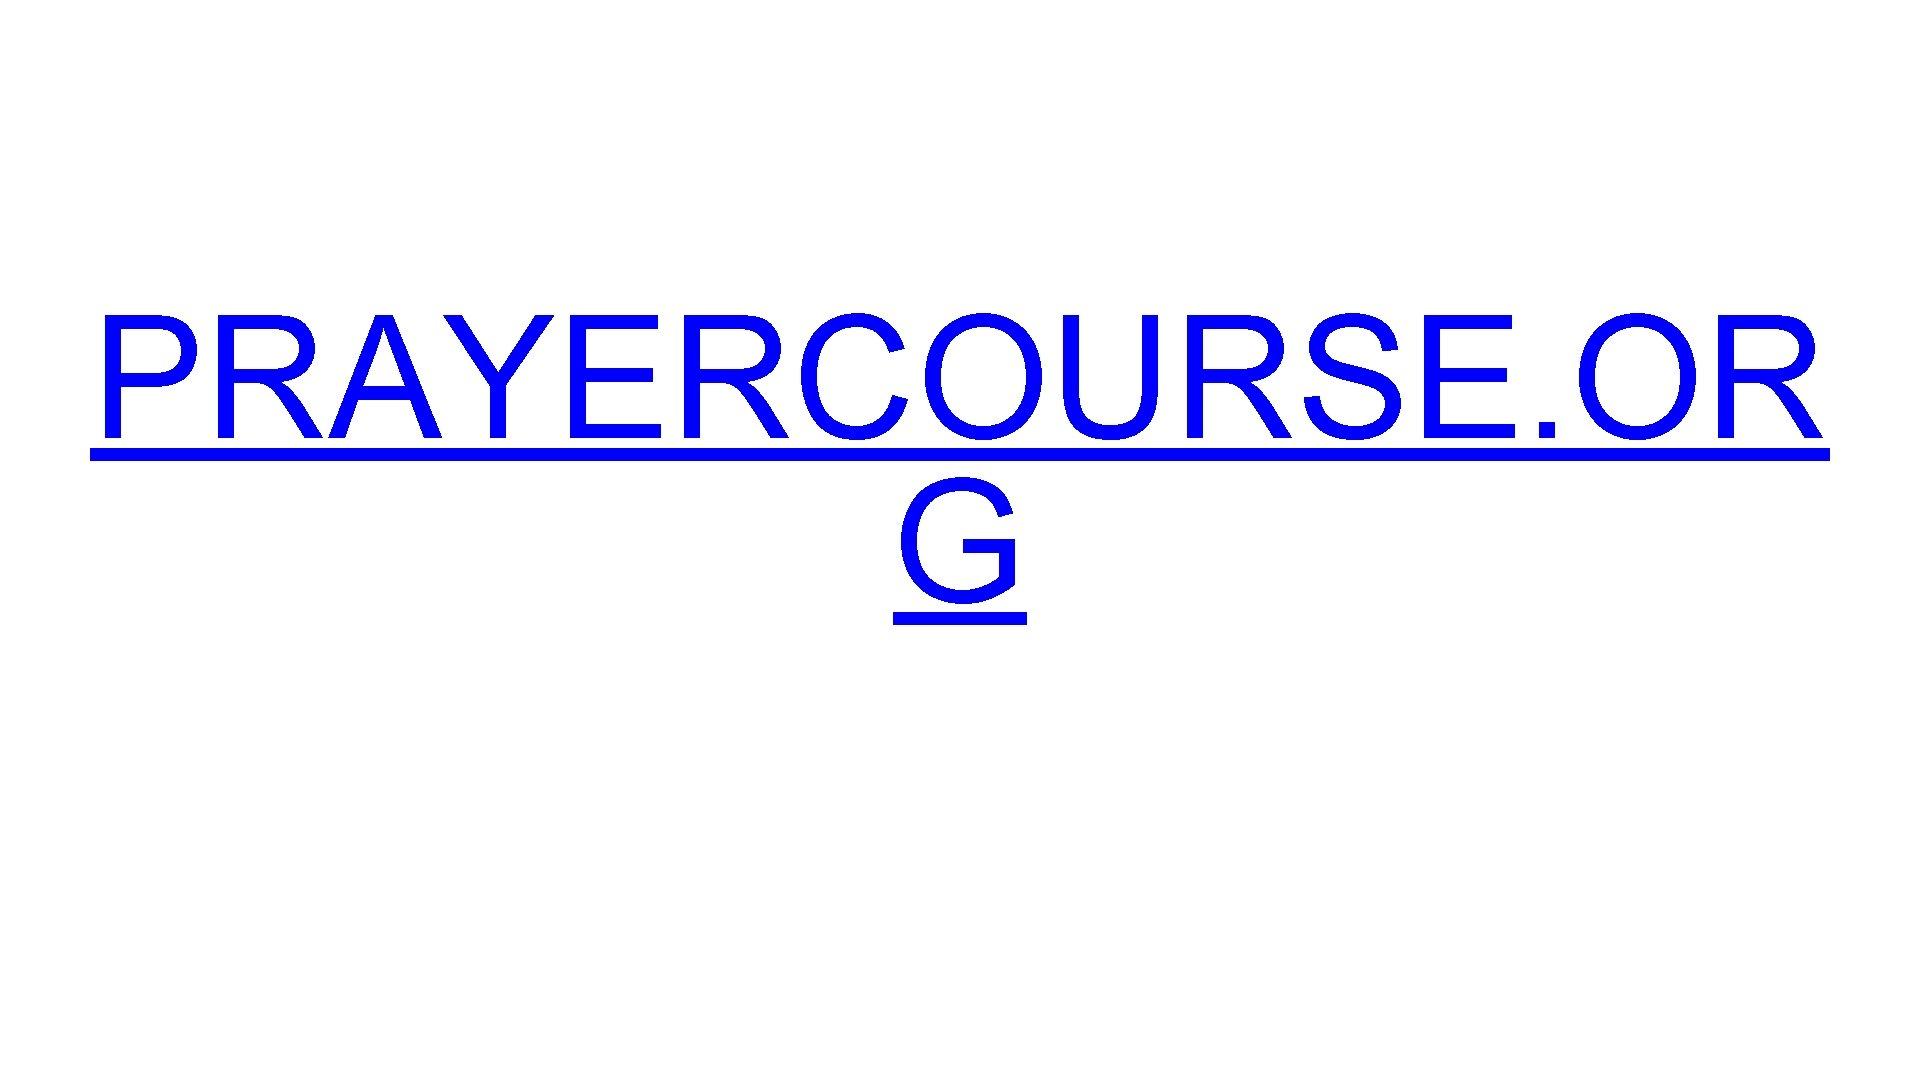 PRAYERCOURSE. OR G